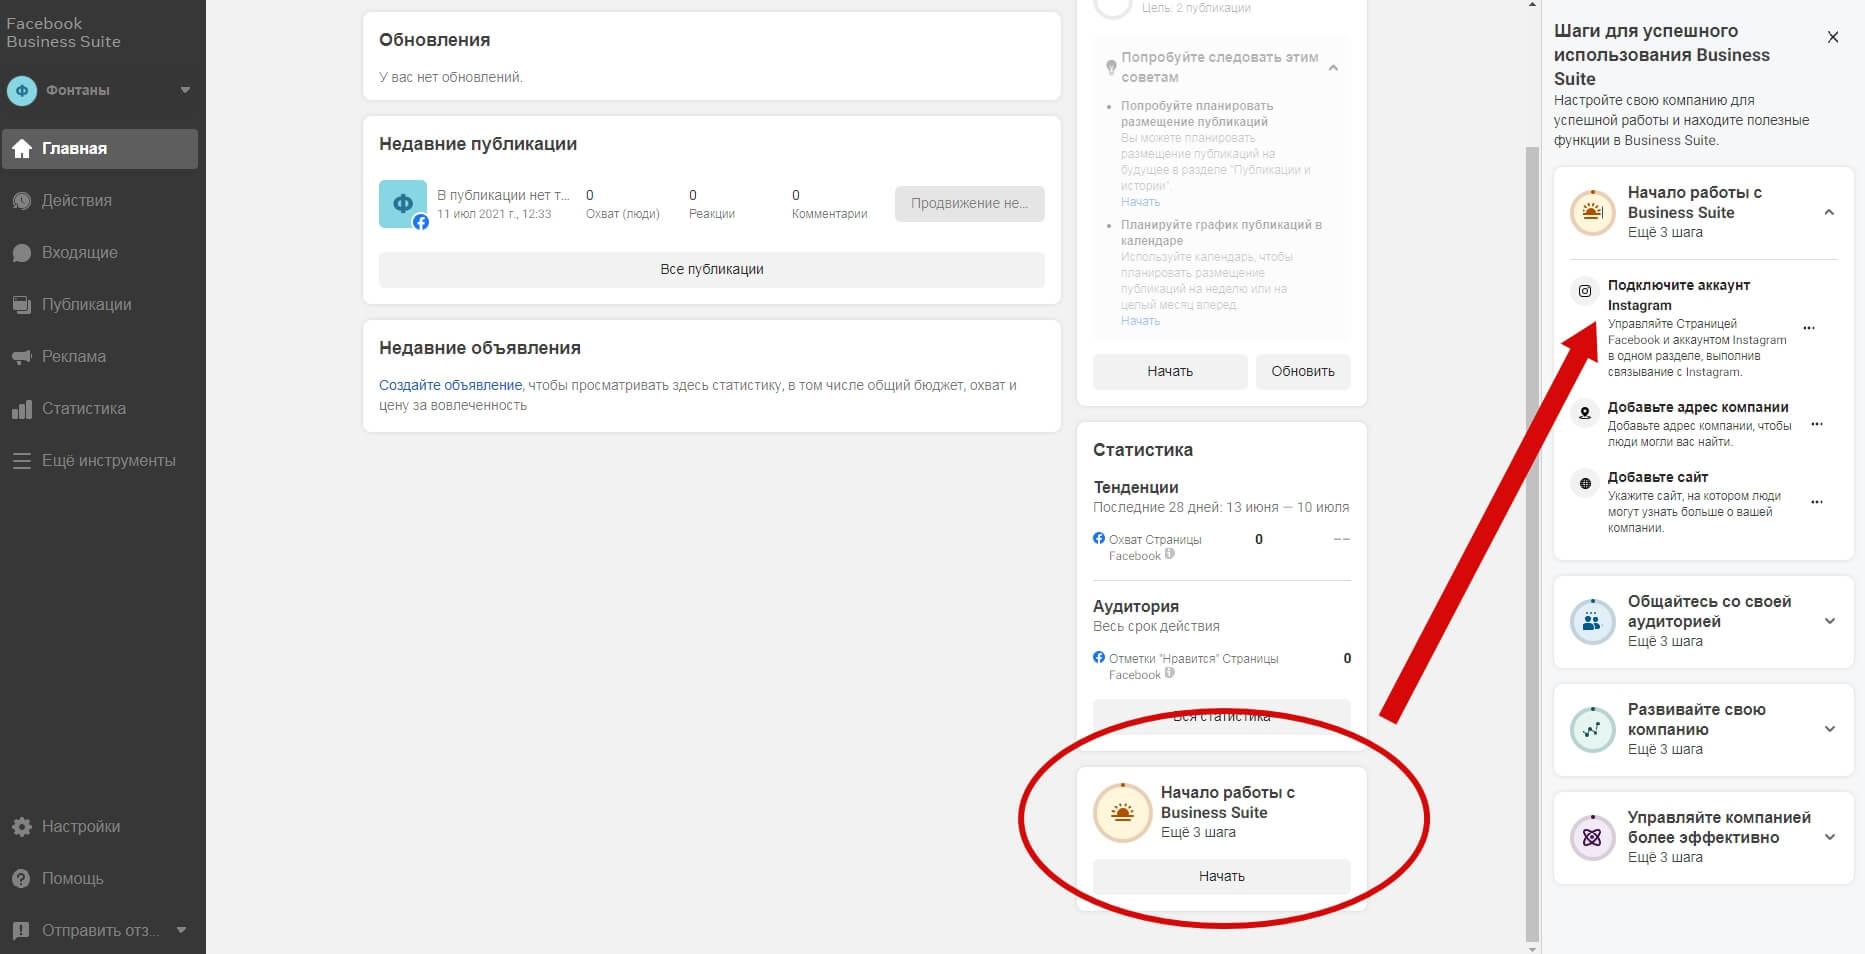 В Бизнес-профиле вашей Страницы в правом меню появится подсказка, нажмите ее и выберите Подключить аккаунт Инстаграма. Следуйте инструкциям